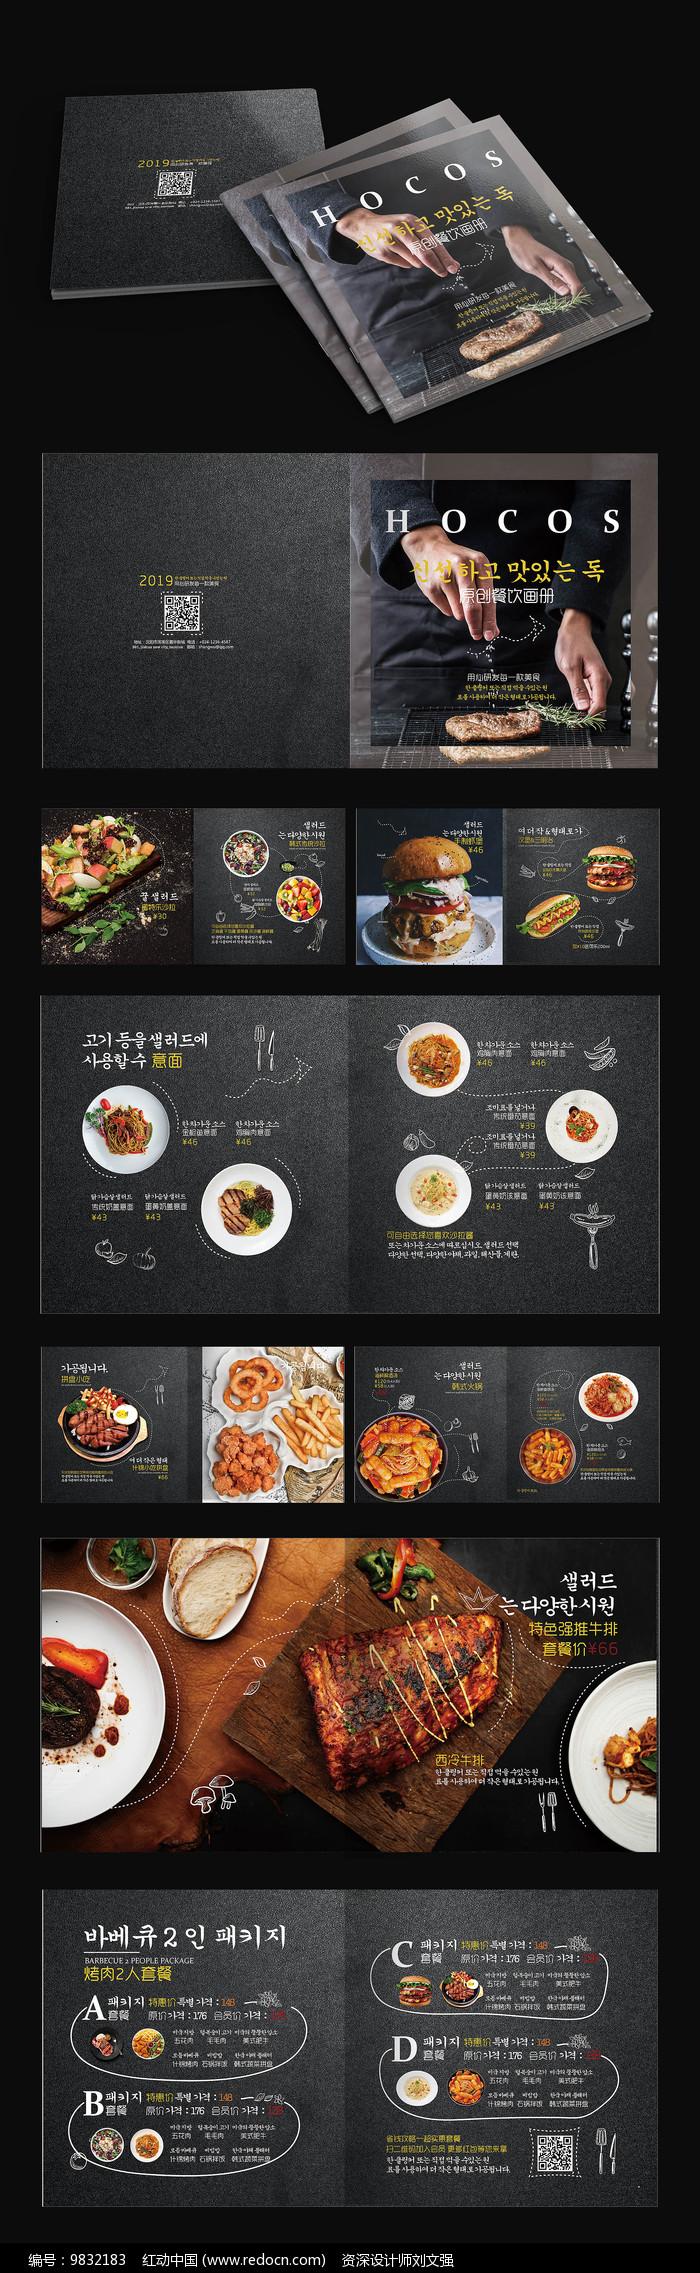 时尚创意美食画册图片